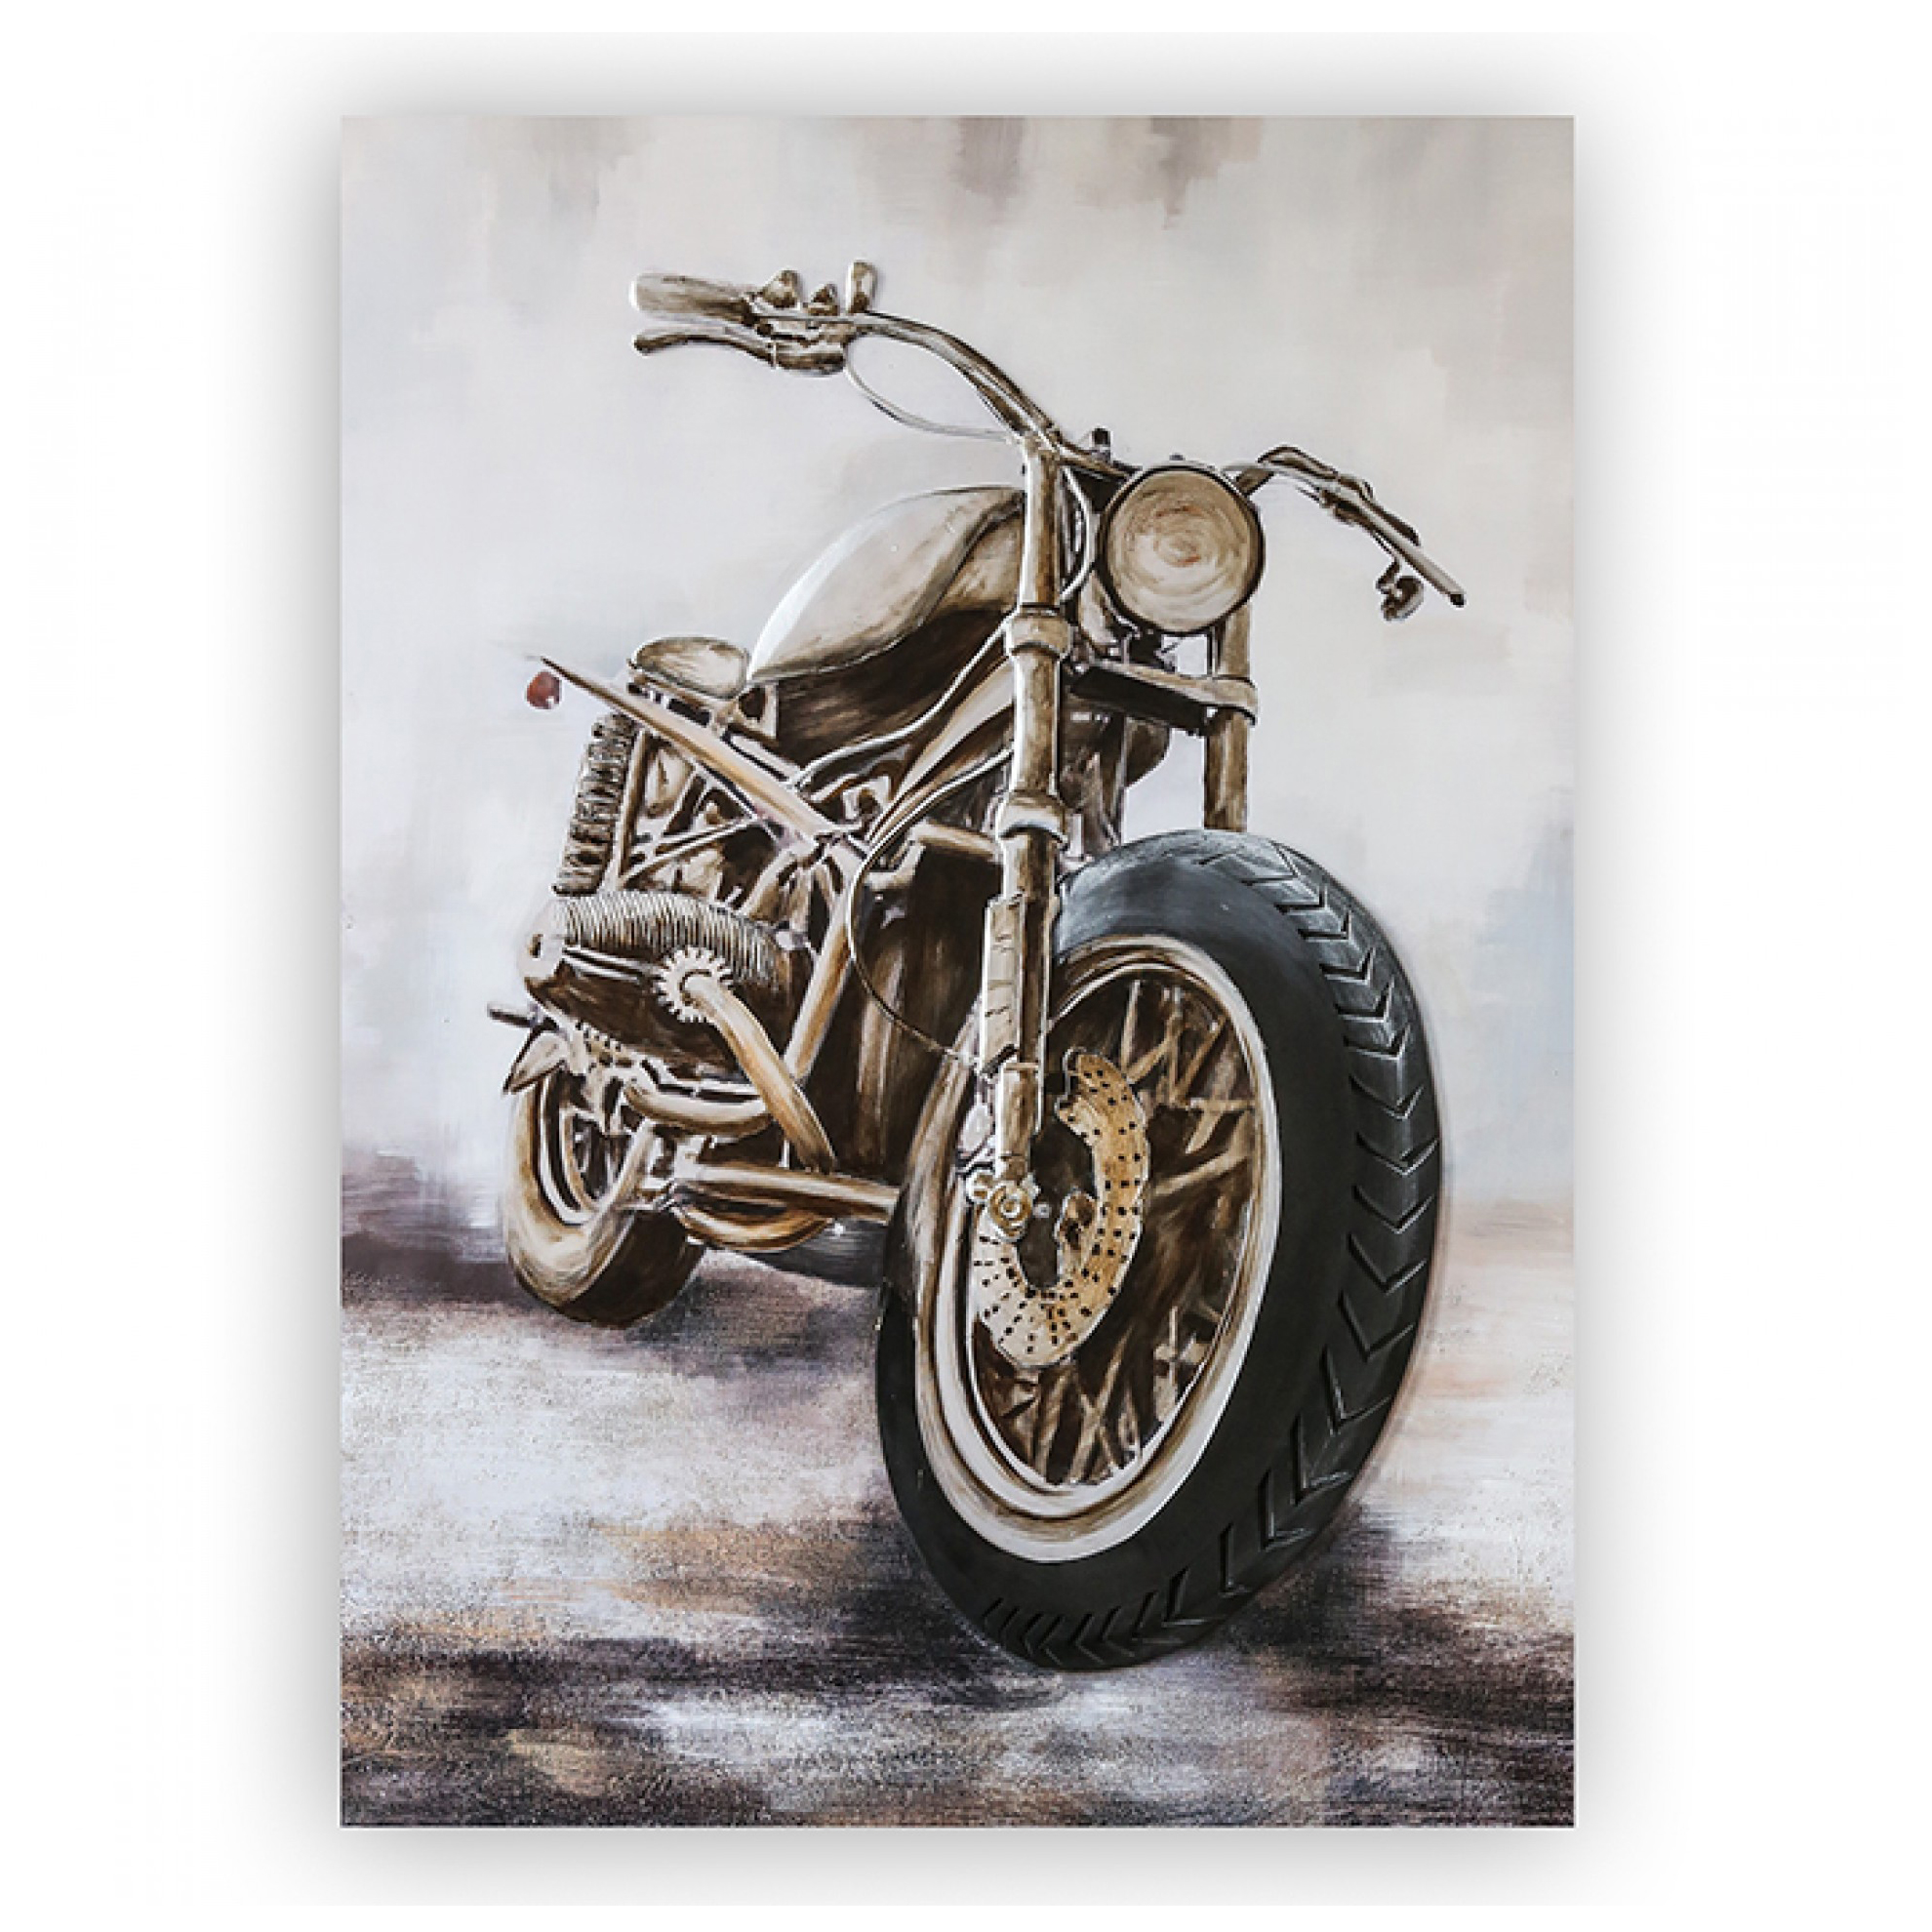 3D obraz Custombike 150 cm, olej na plátně